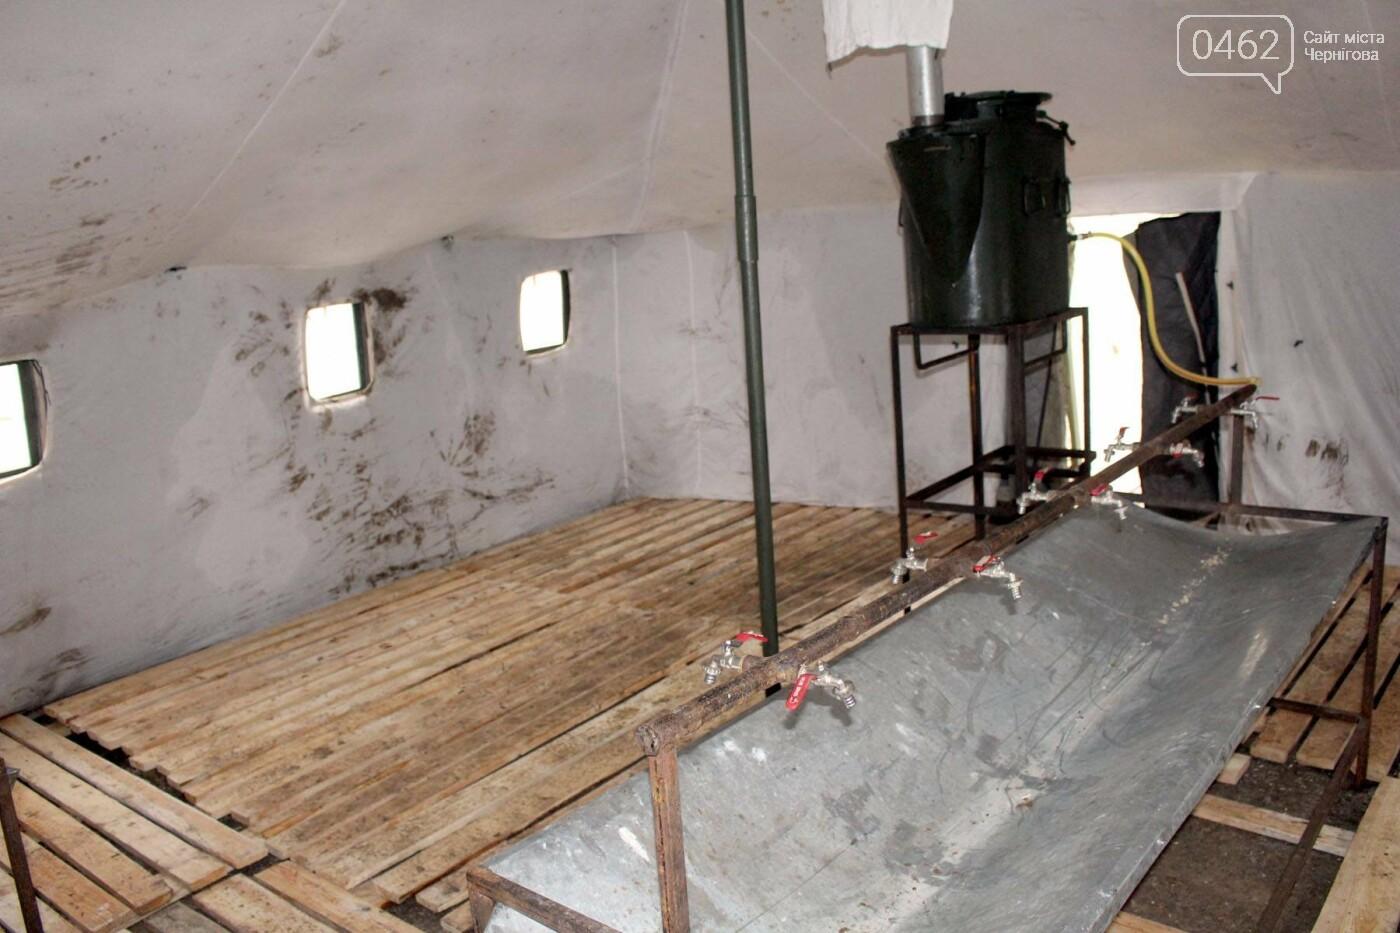 Полигон в Черниговской области, который ранее раскритиковали за ужасные условия, привели в порядок, фото-1